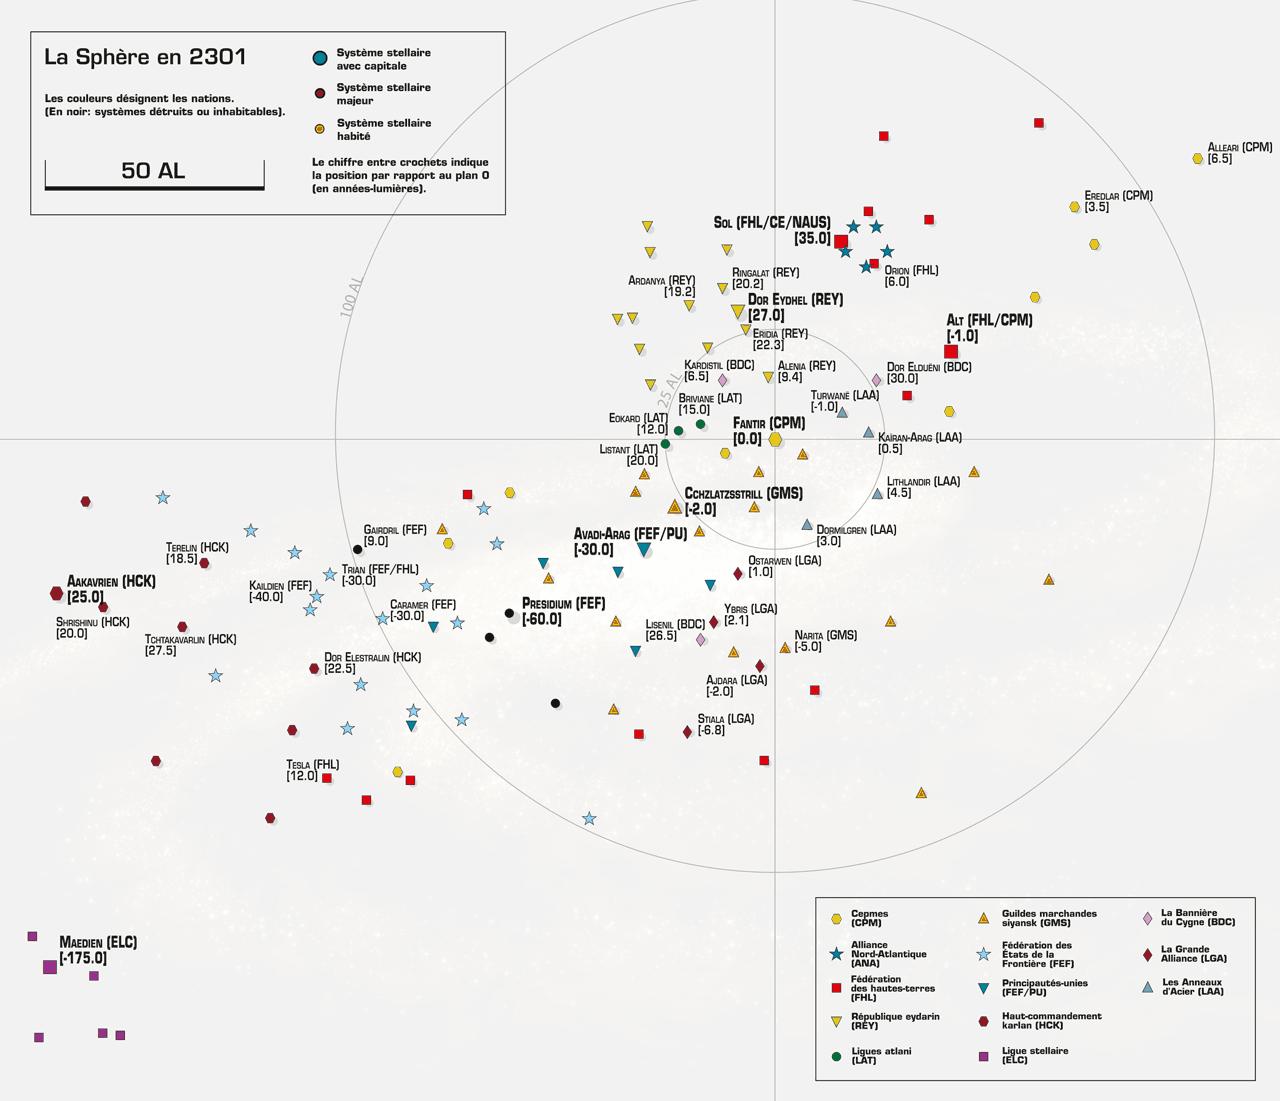 La carte de la Sphère